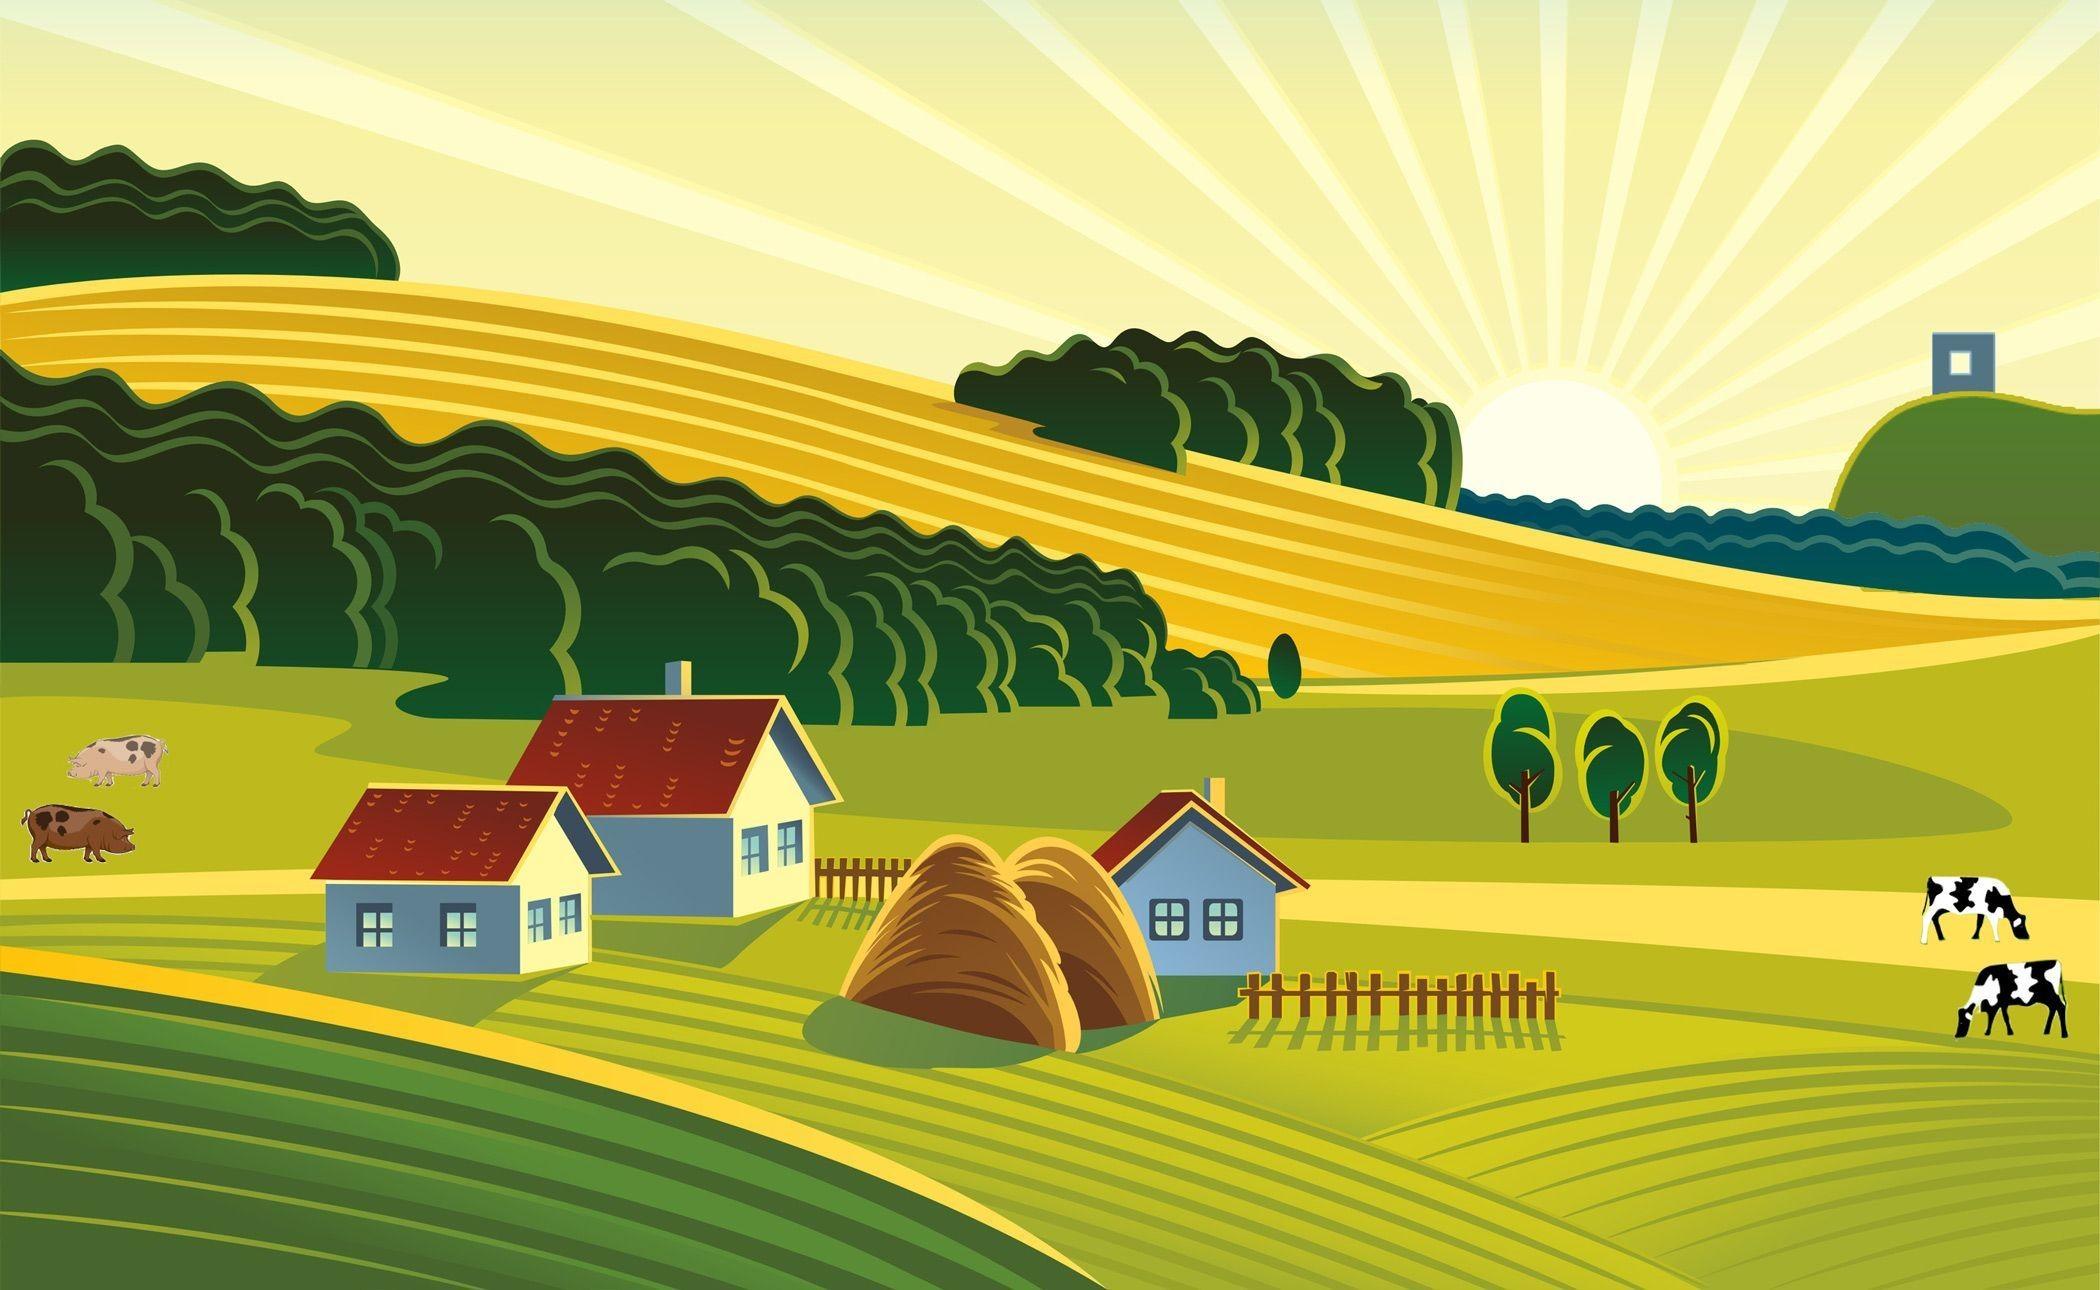 Farm Background Pictures (32+ images)  Farm Clipart